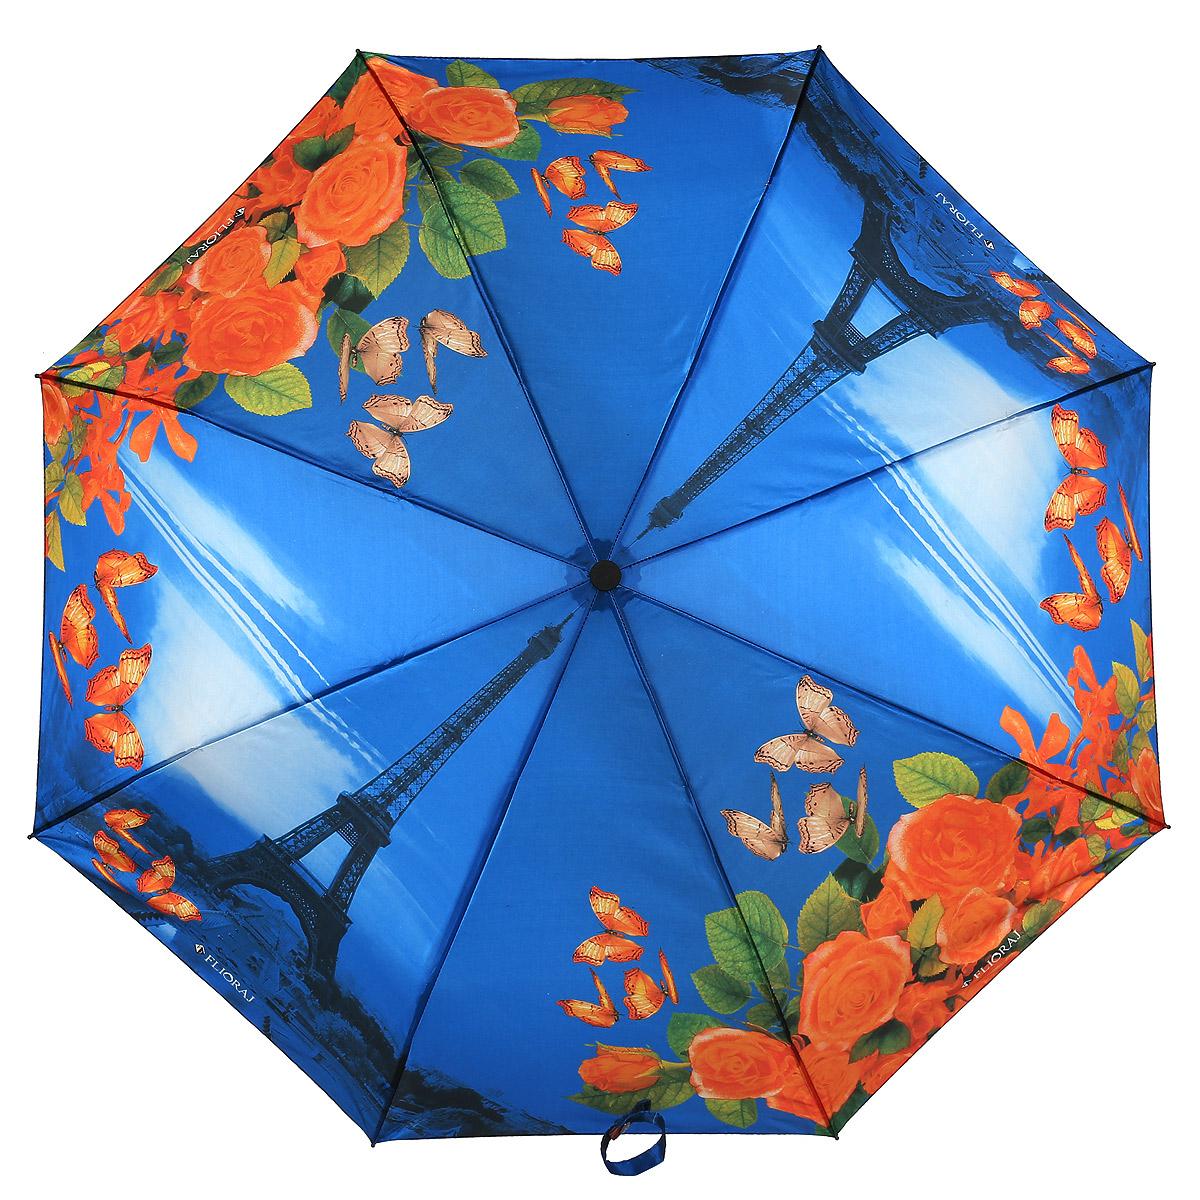 Зонт женский Flioraj, автомат, 3 сложения, цвет: синий, оранжевый. 231218 FJ231218 FJПариж, цветы, весна… и все это всегда рядом, в сумочке! Женский зонтик с элегантным и при этом нежным рисунком добавит необычайную легкость вашему облику. Уникальные материалы повышенной прочности надежно защитят в непогоду.